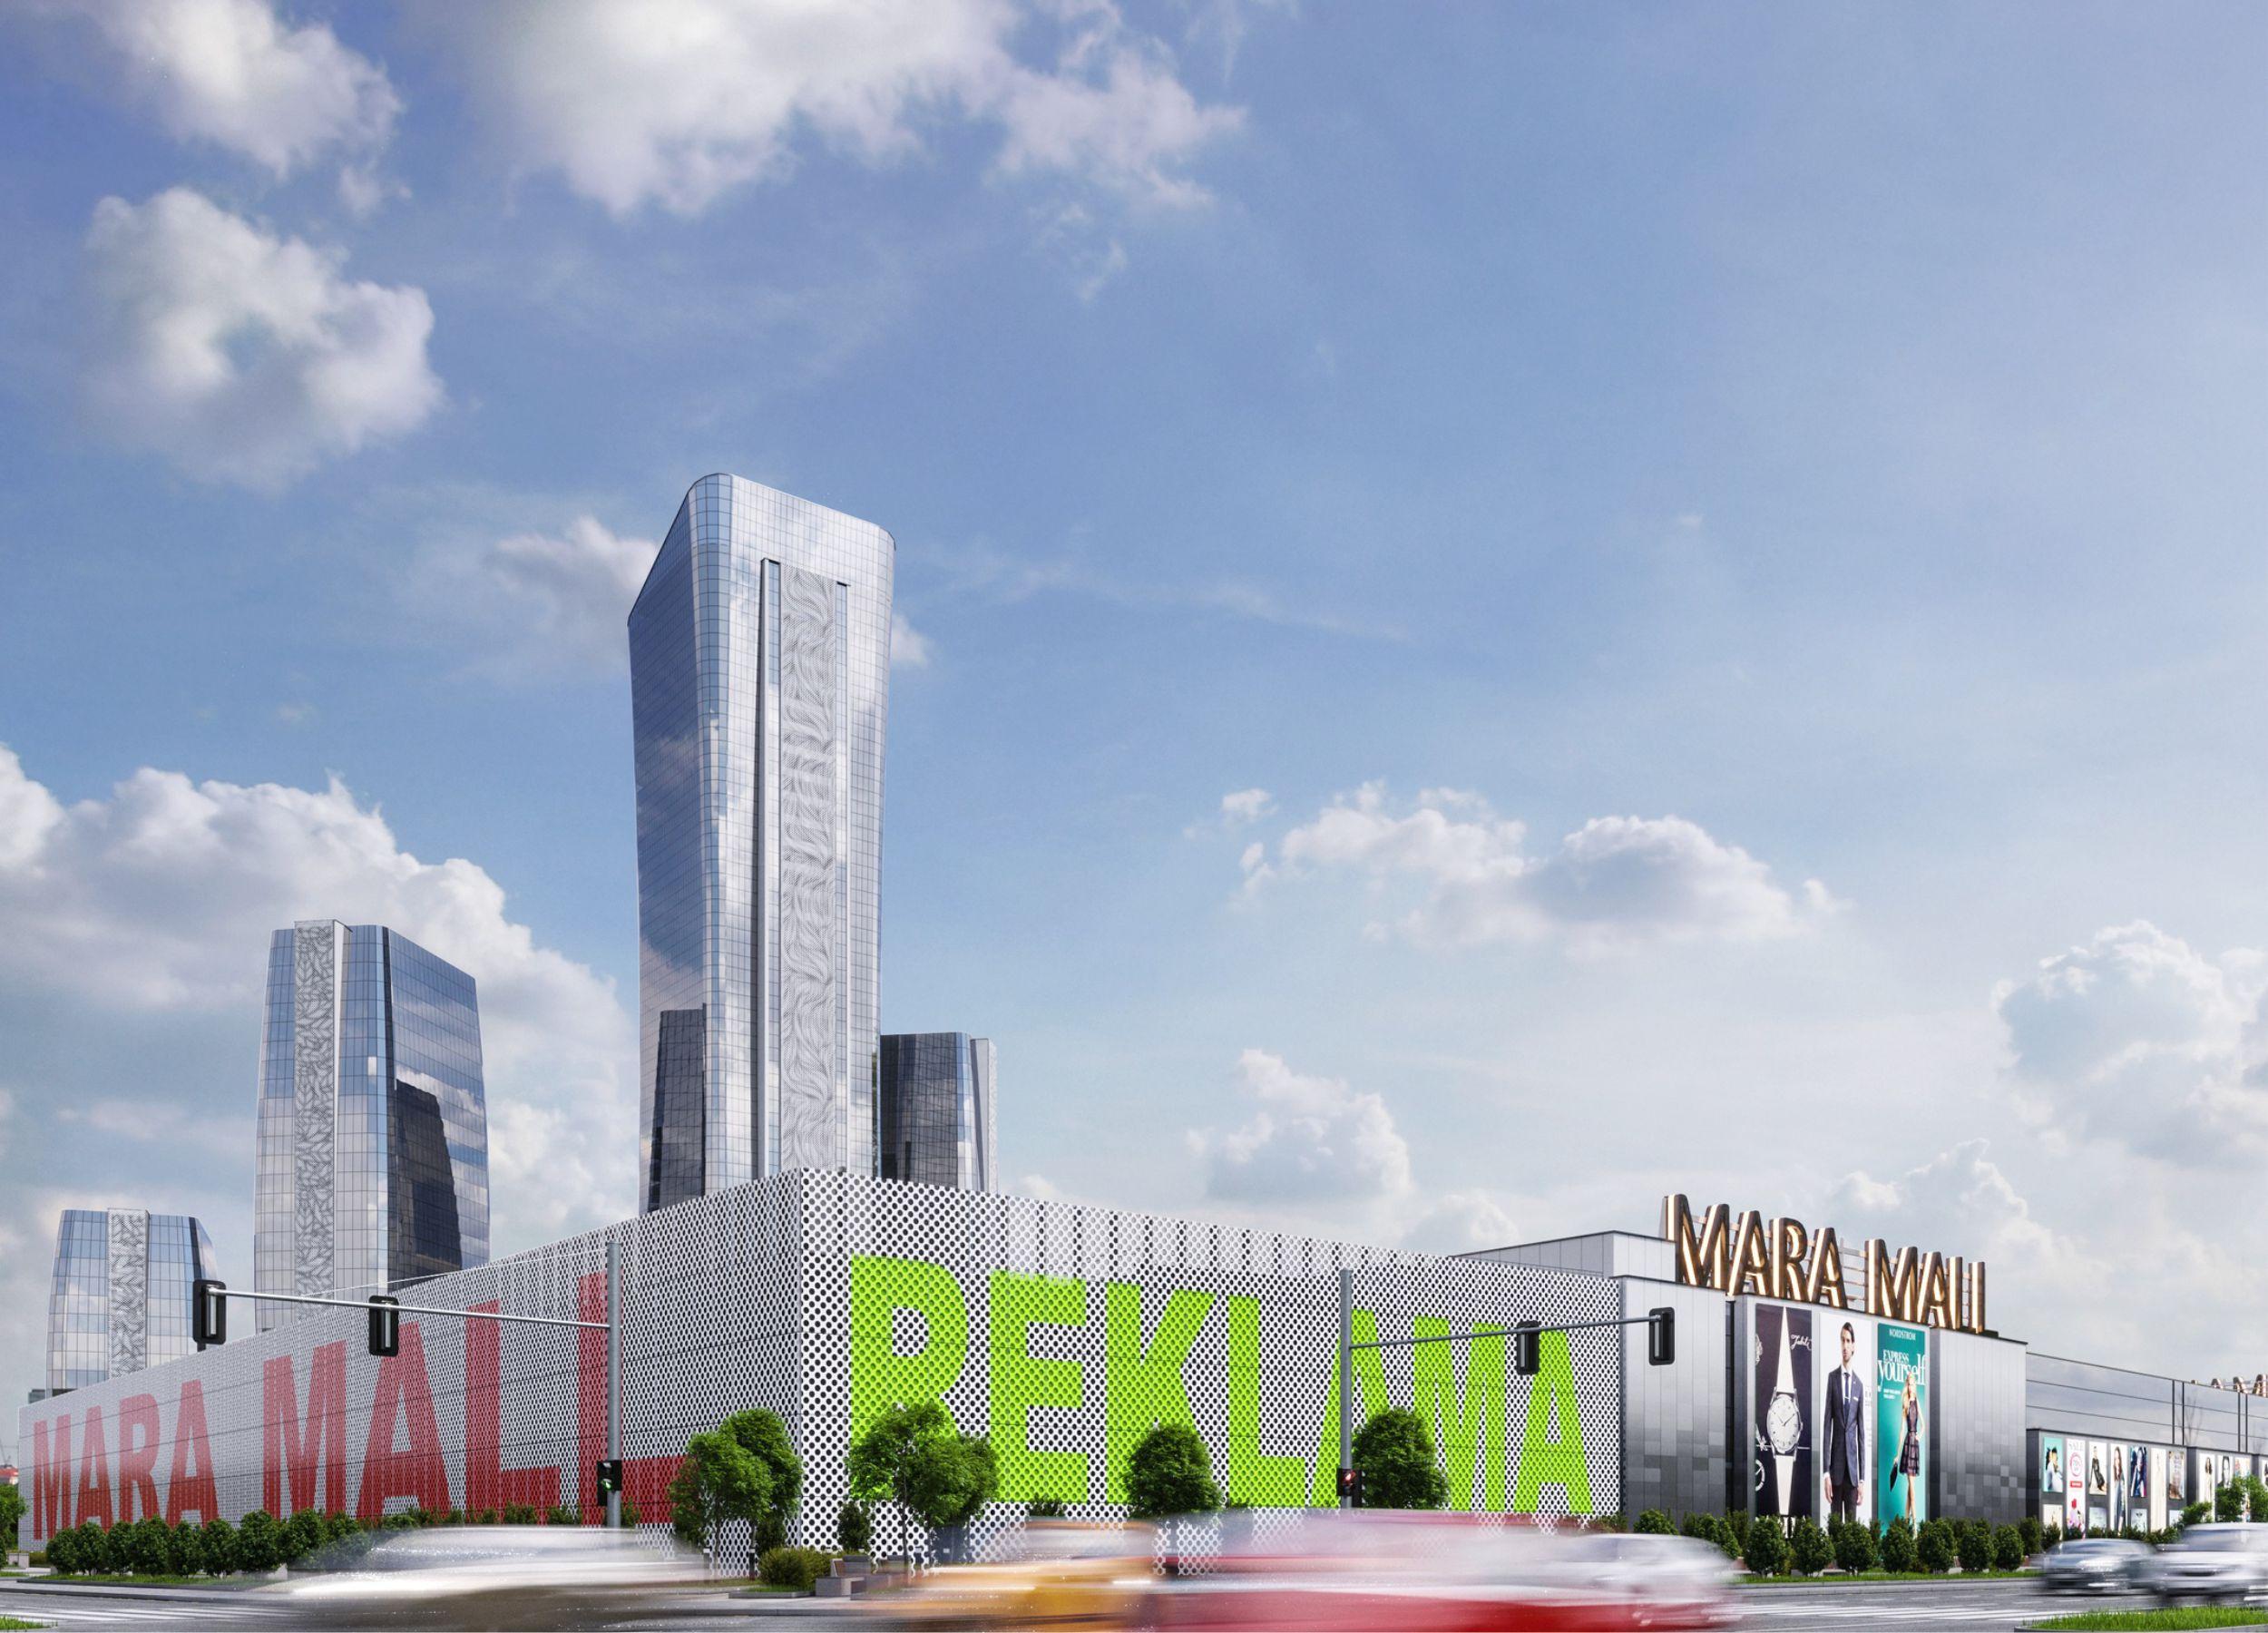 ТРЦ Mara Mall